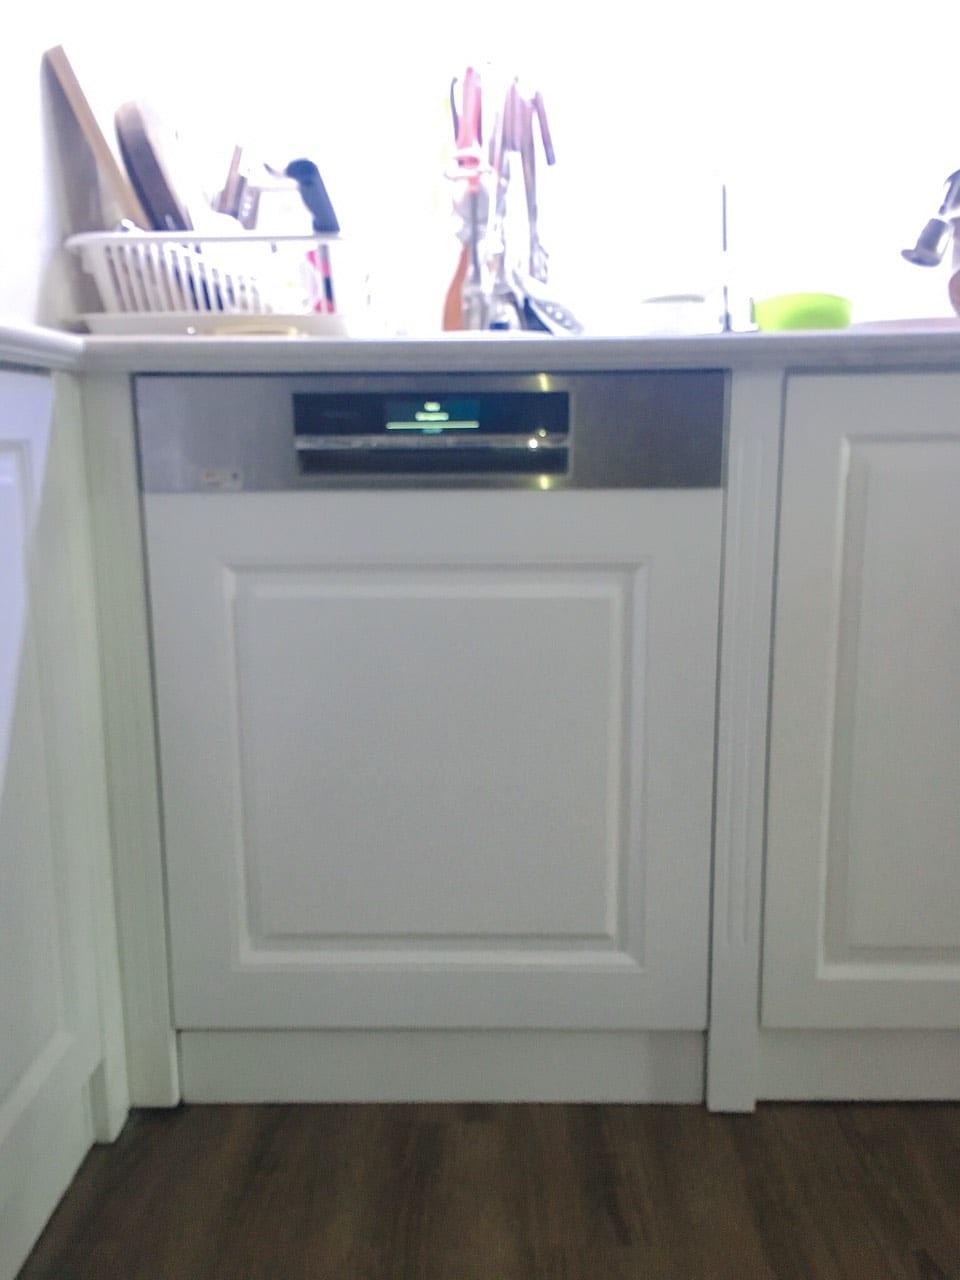 Nhà đẹp thêm SANG nhờ máy rửa bát Bosch âm tủ Smi88ts46e 5